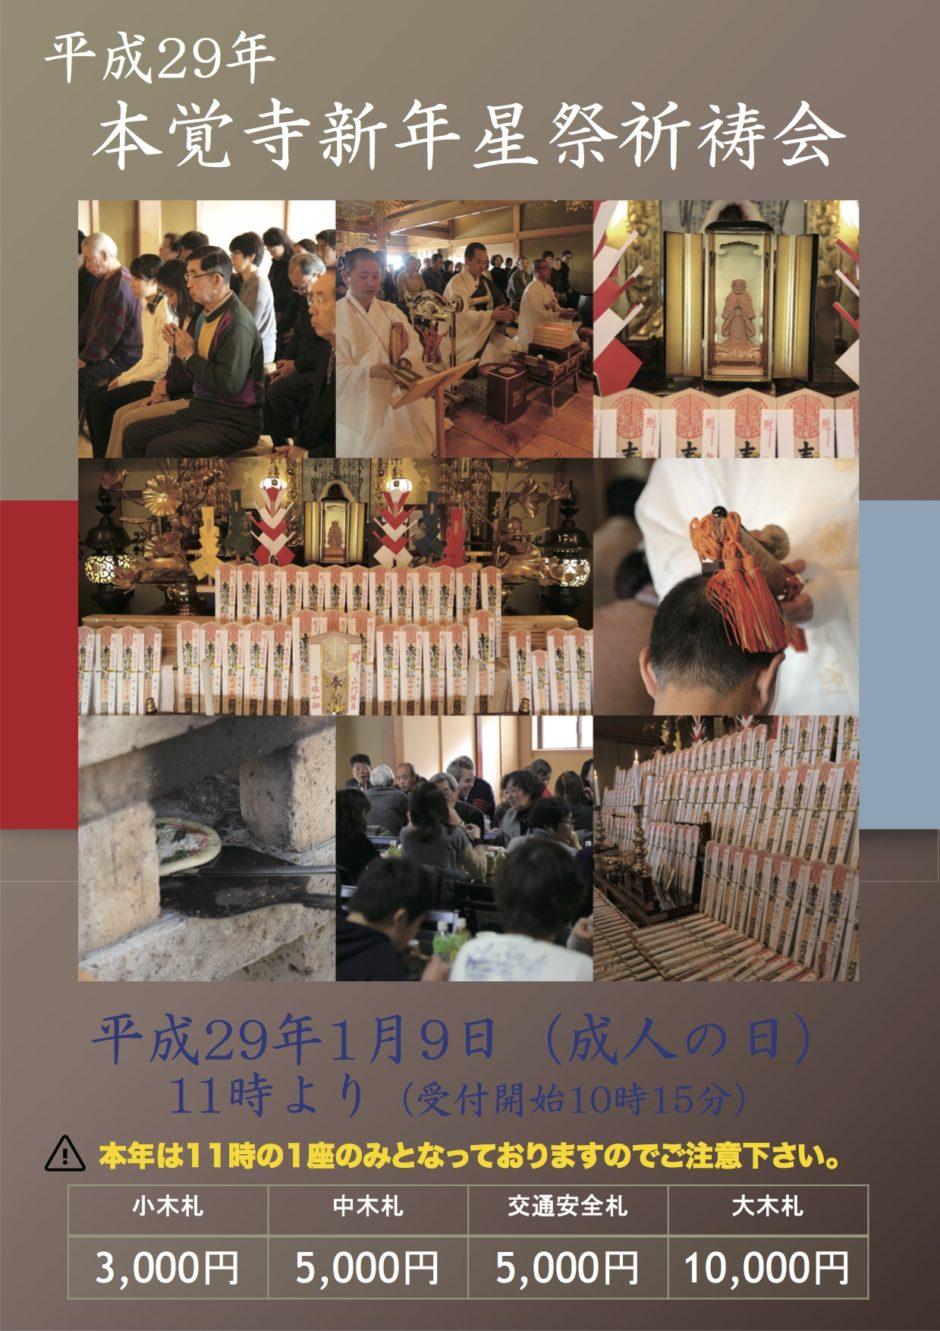 平成29年本覚寺新年星祭祈祷会案内